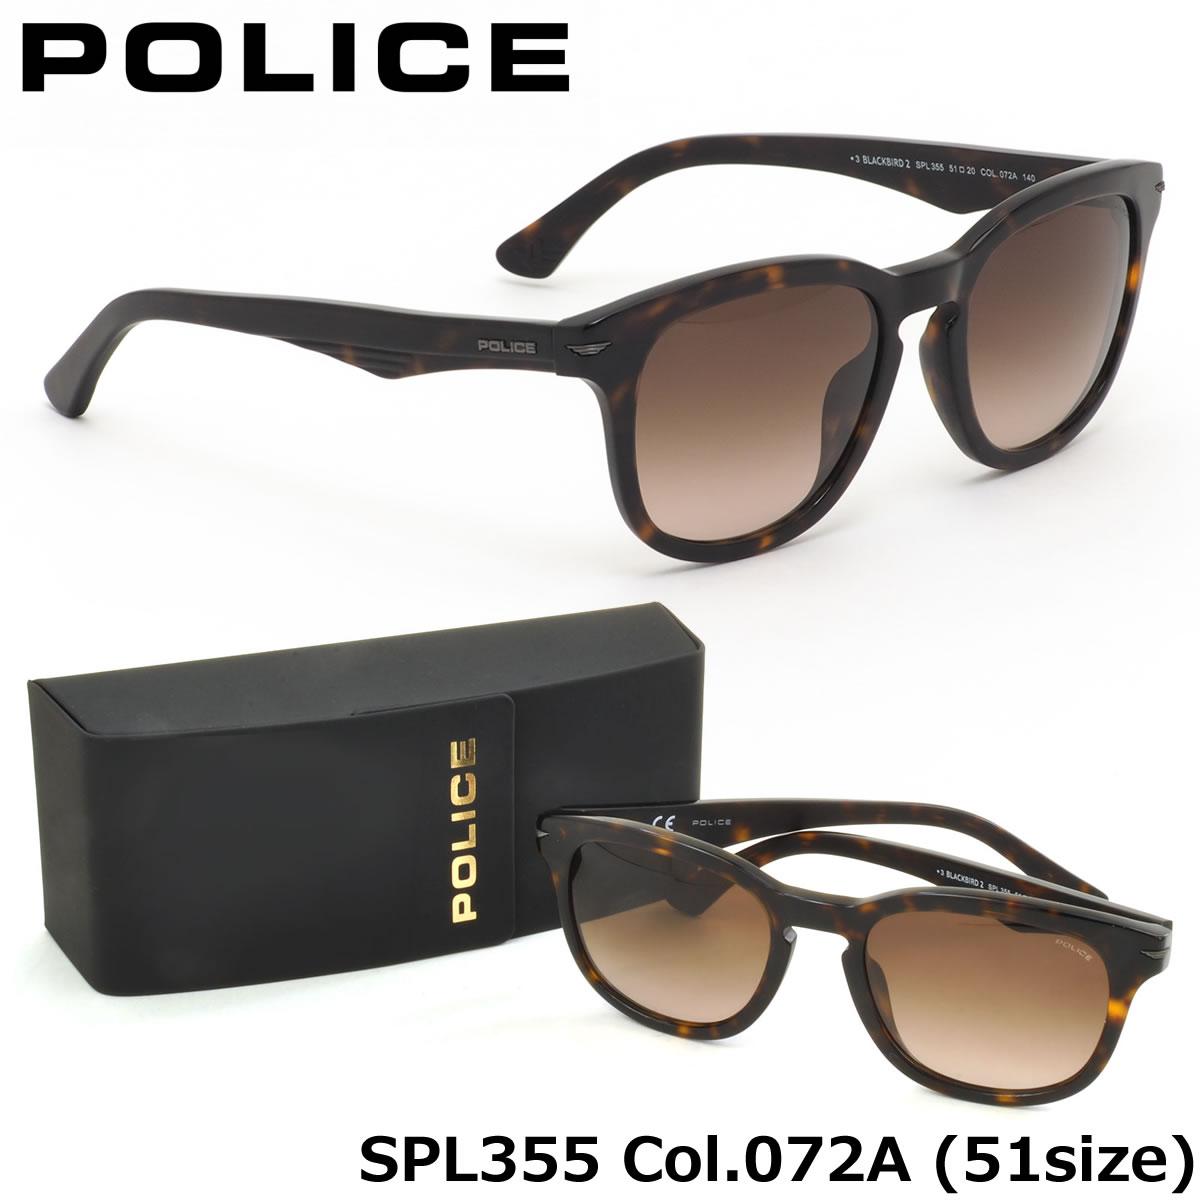 ポイント最大42倍!!お得なクーポンも !! 【ポリス】 (POLICE) サングラスSPL355 072A 51サイズBLACKBIRD2 ボストン ウェリントン ボスリントンPOLICE メンズ レディース